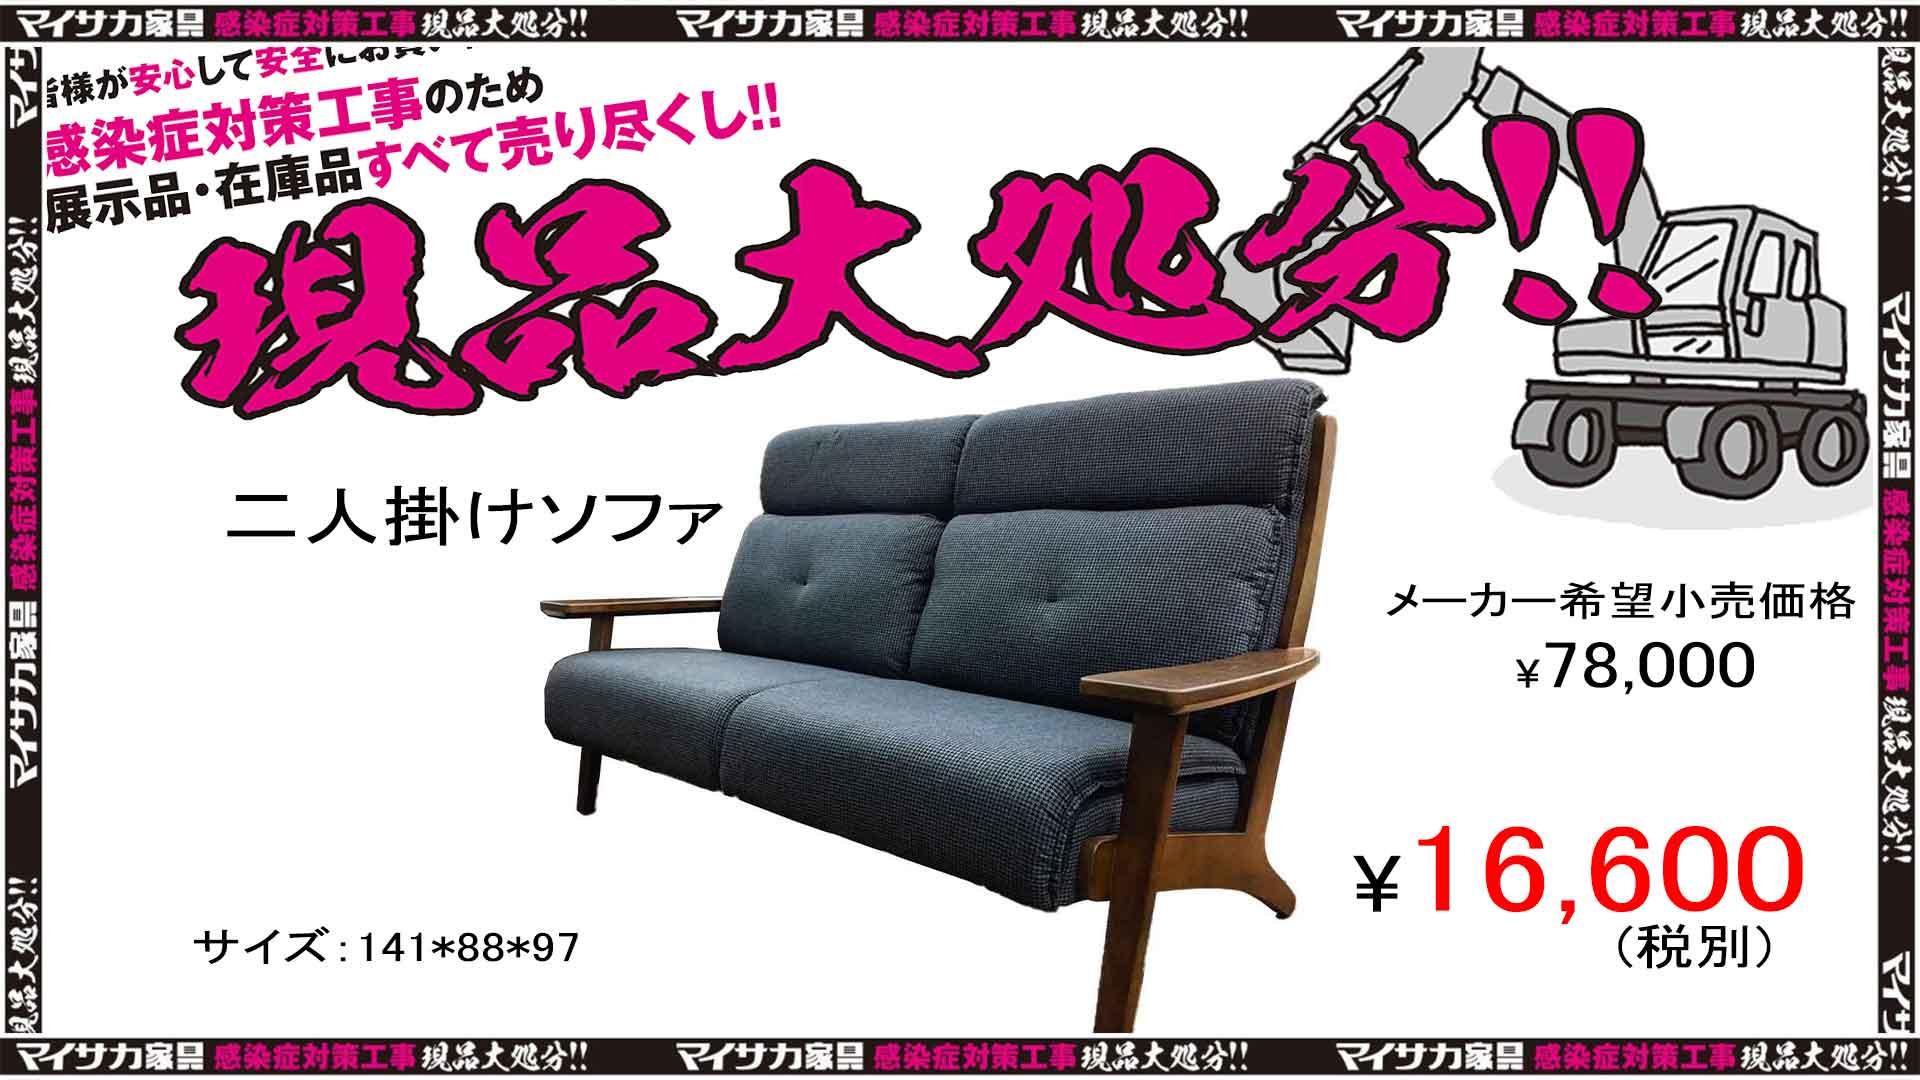 横幅141cmの二人掛けの木肘ソファが16,600円の画像